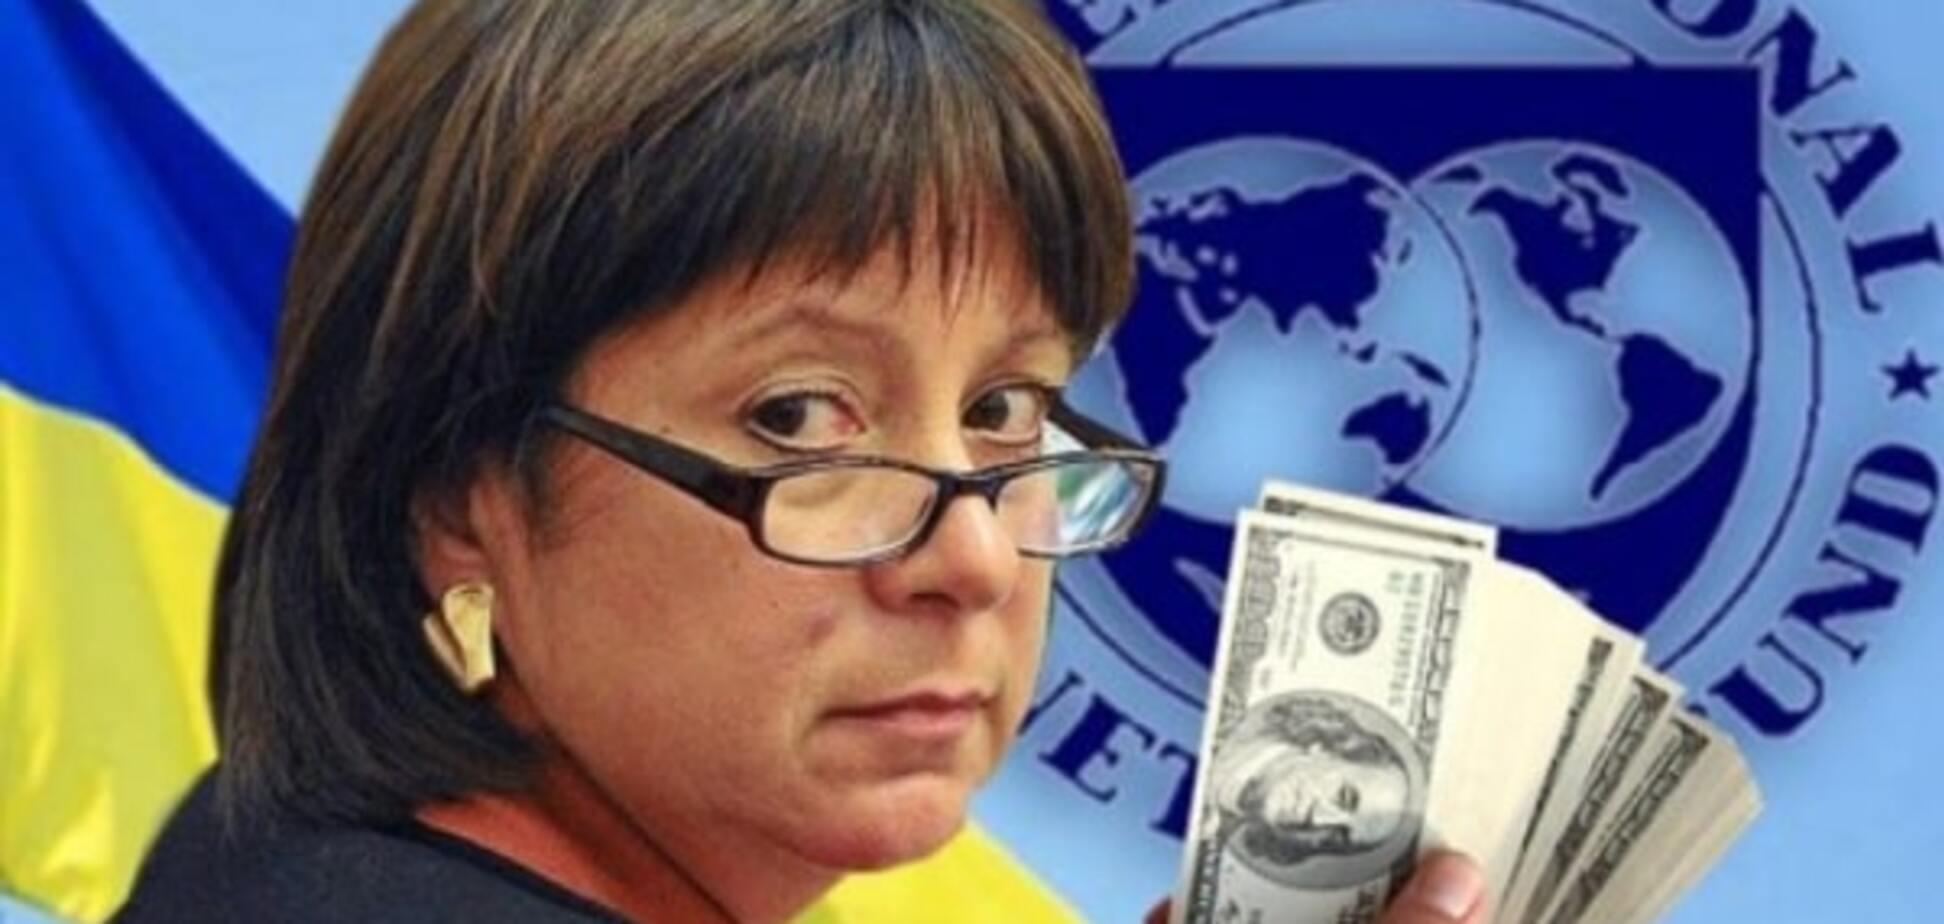 Украина находится в состоянии технического дефолта - Яресько